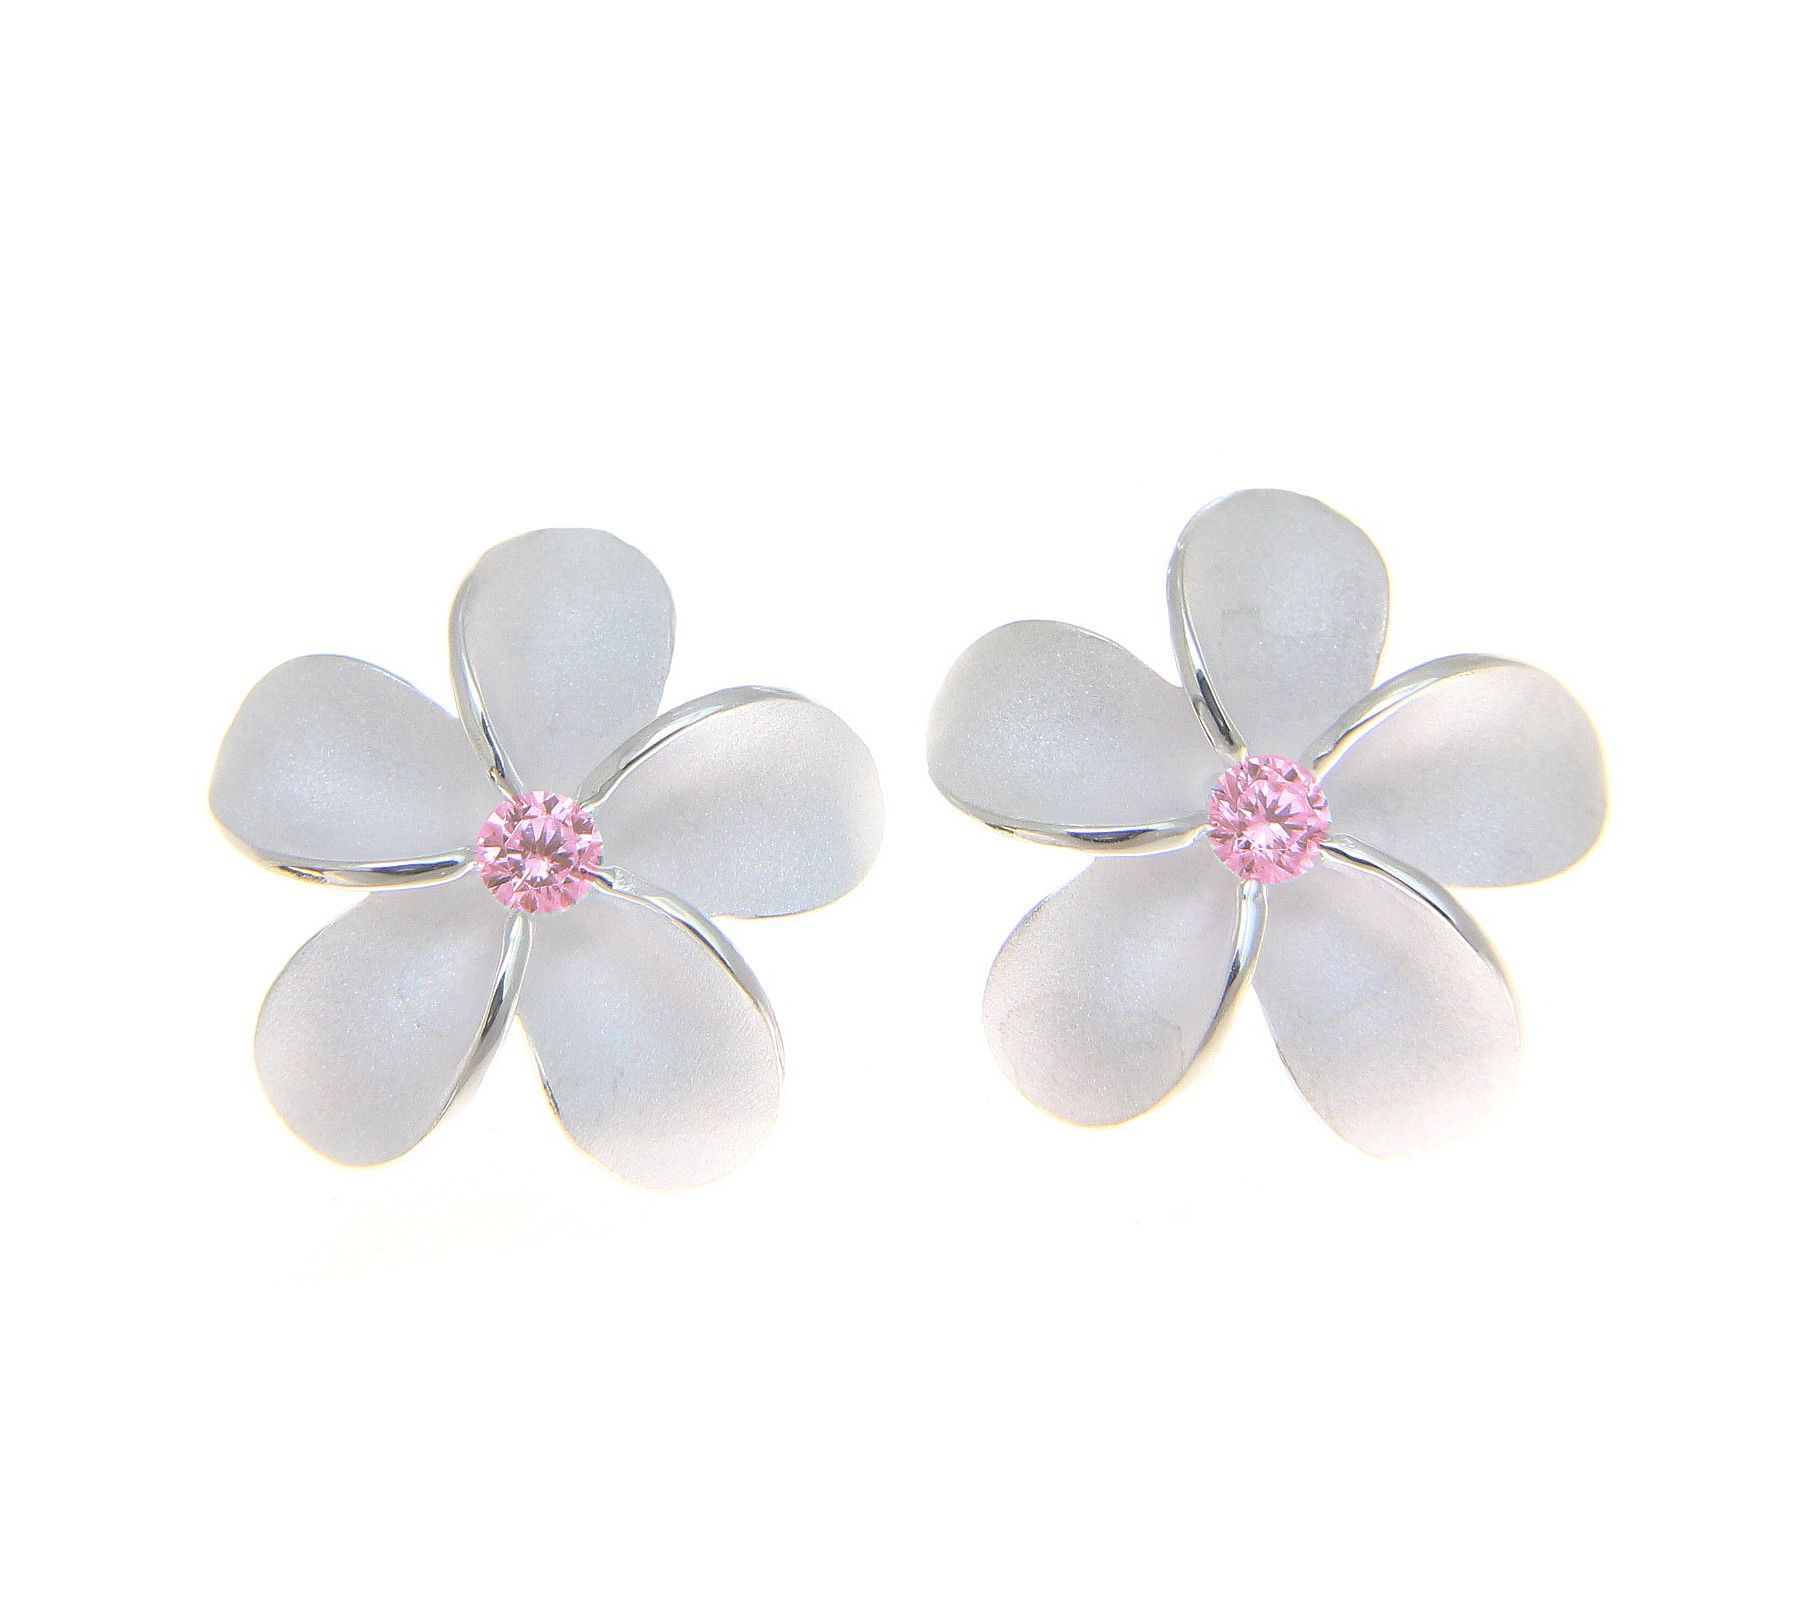 Sterling Silver 925 Hawaiian Plumeria Flower Stud Post Earrings 15mm